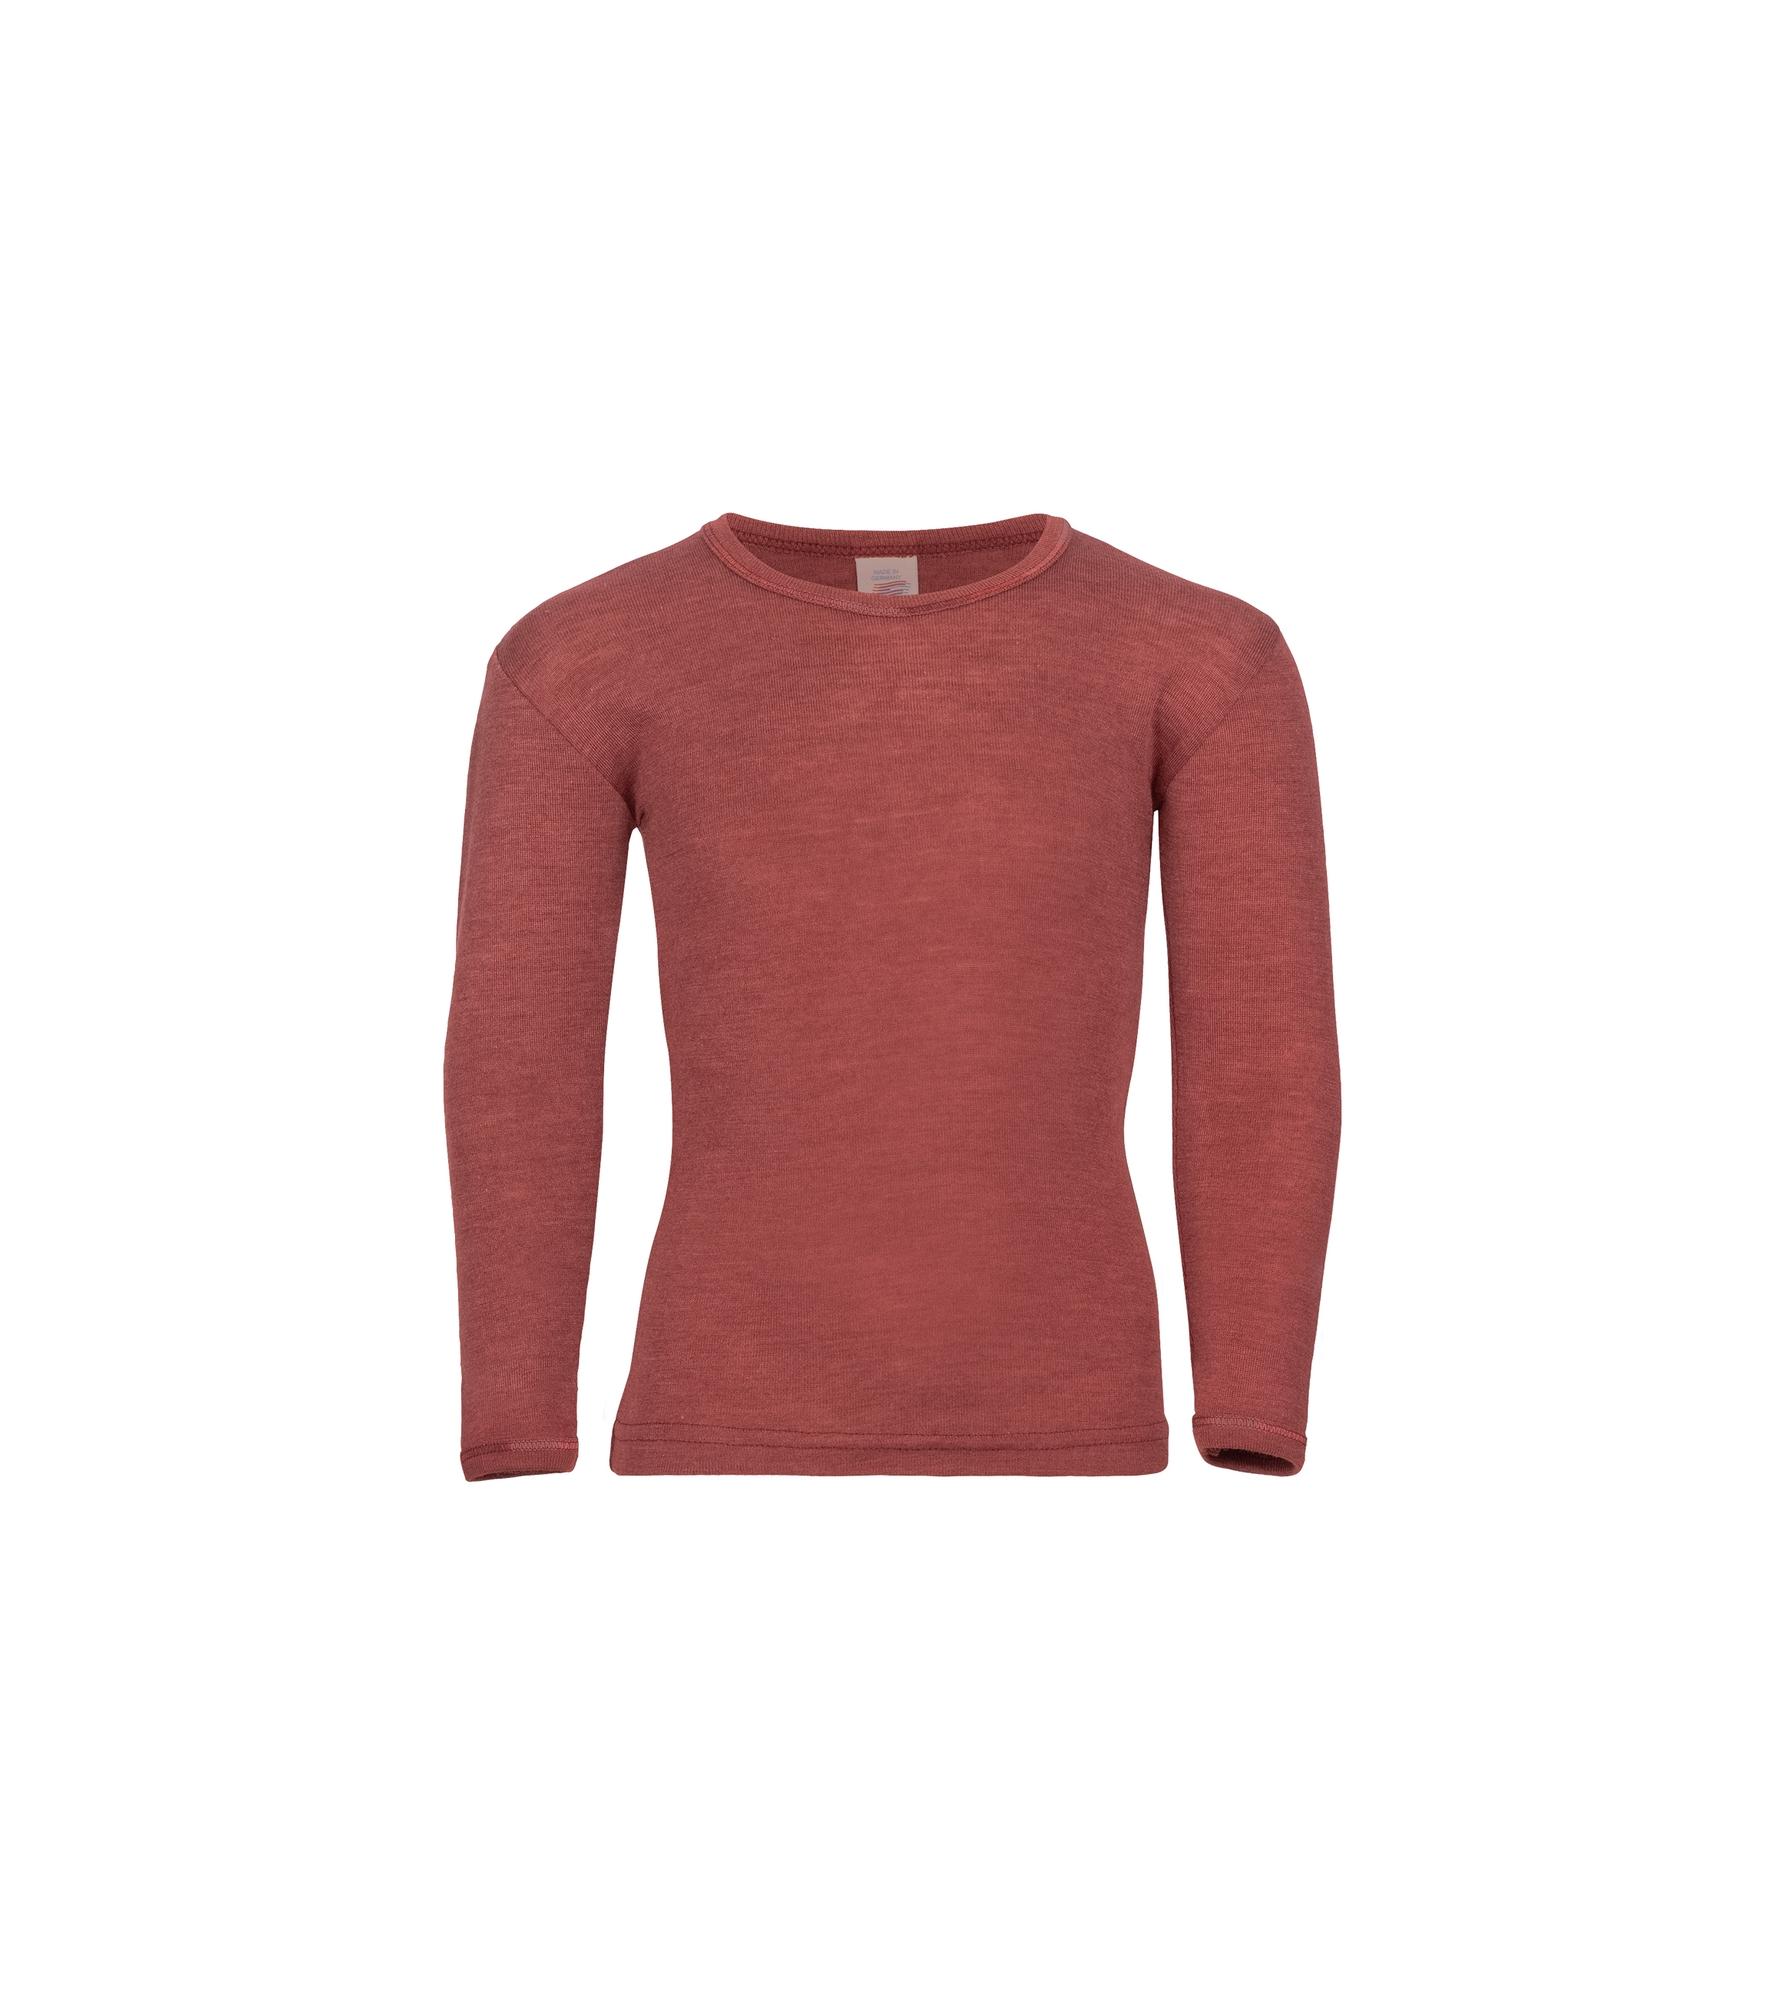 4-70-7810-kinder-shirt-langer-arm-52e-kupfer-707810_52e.jpg